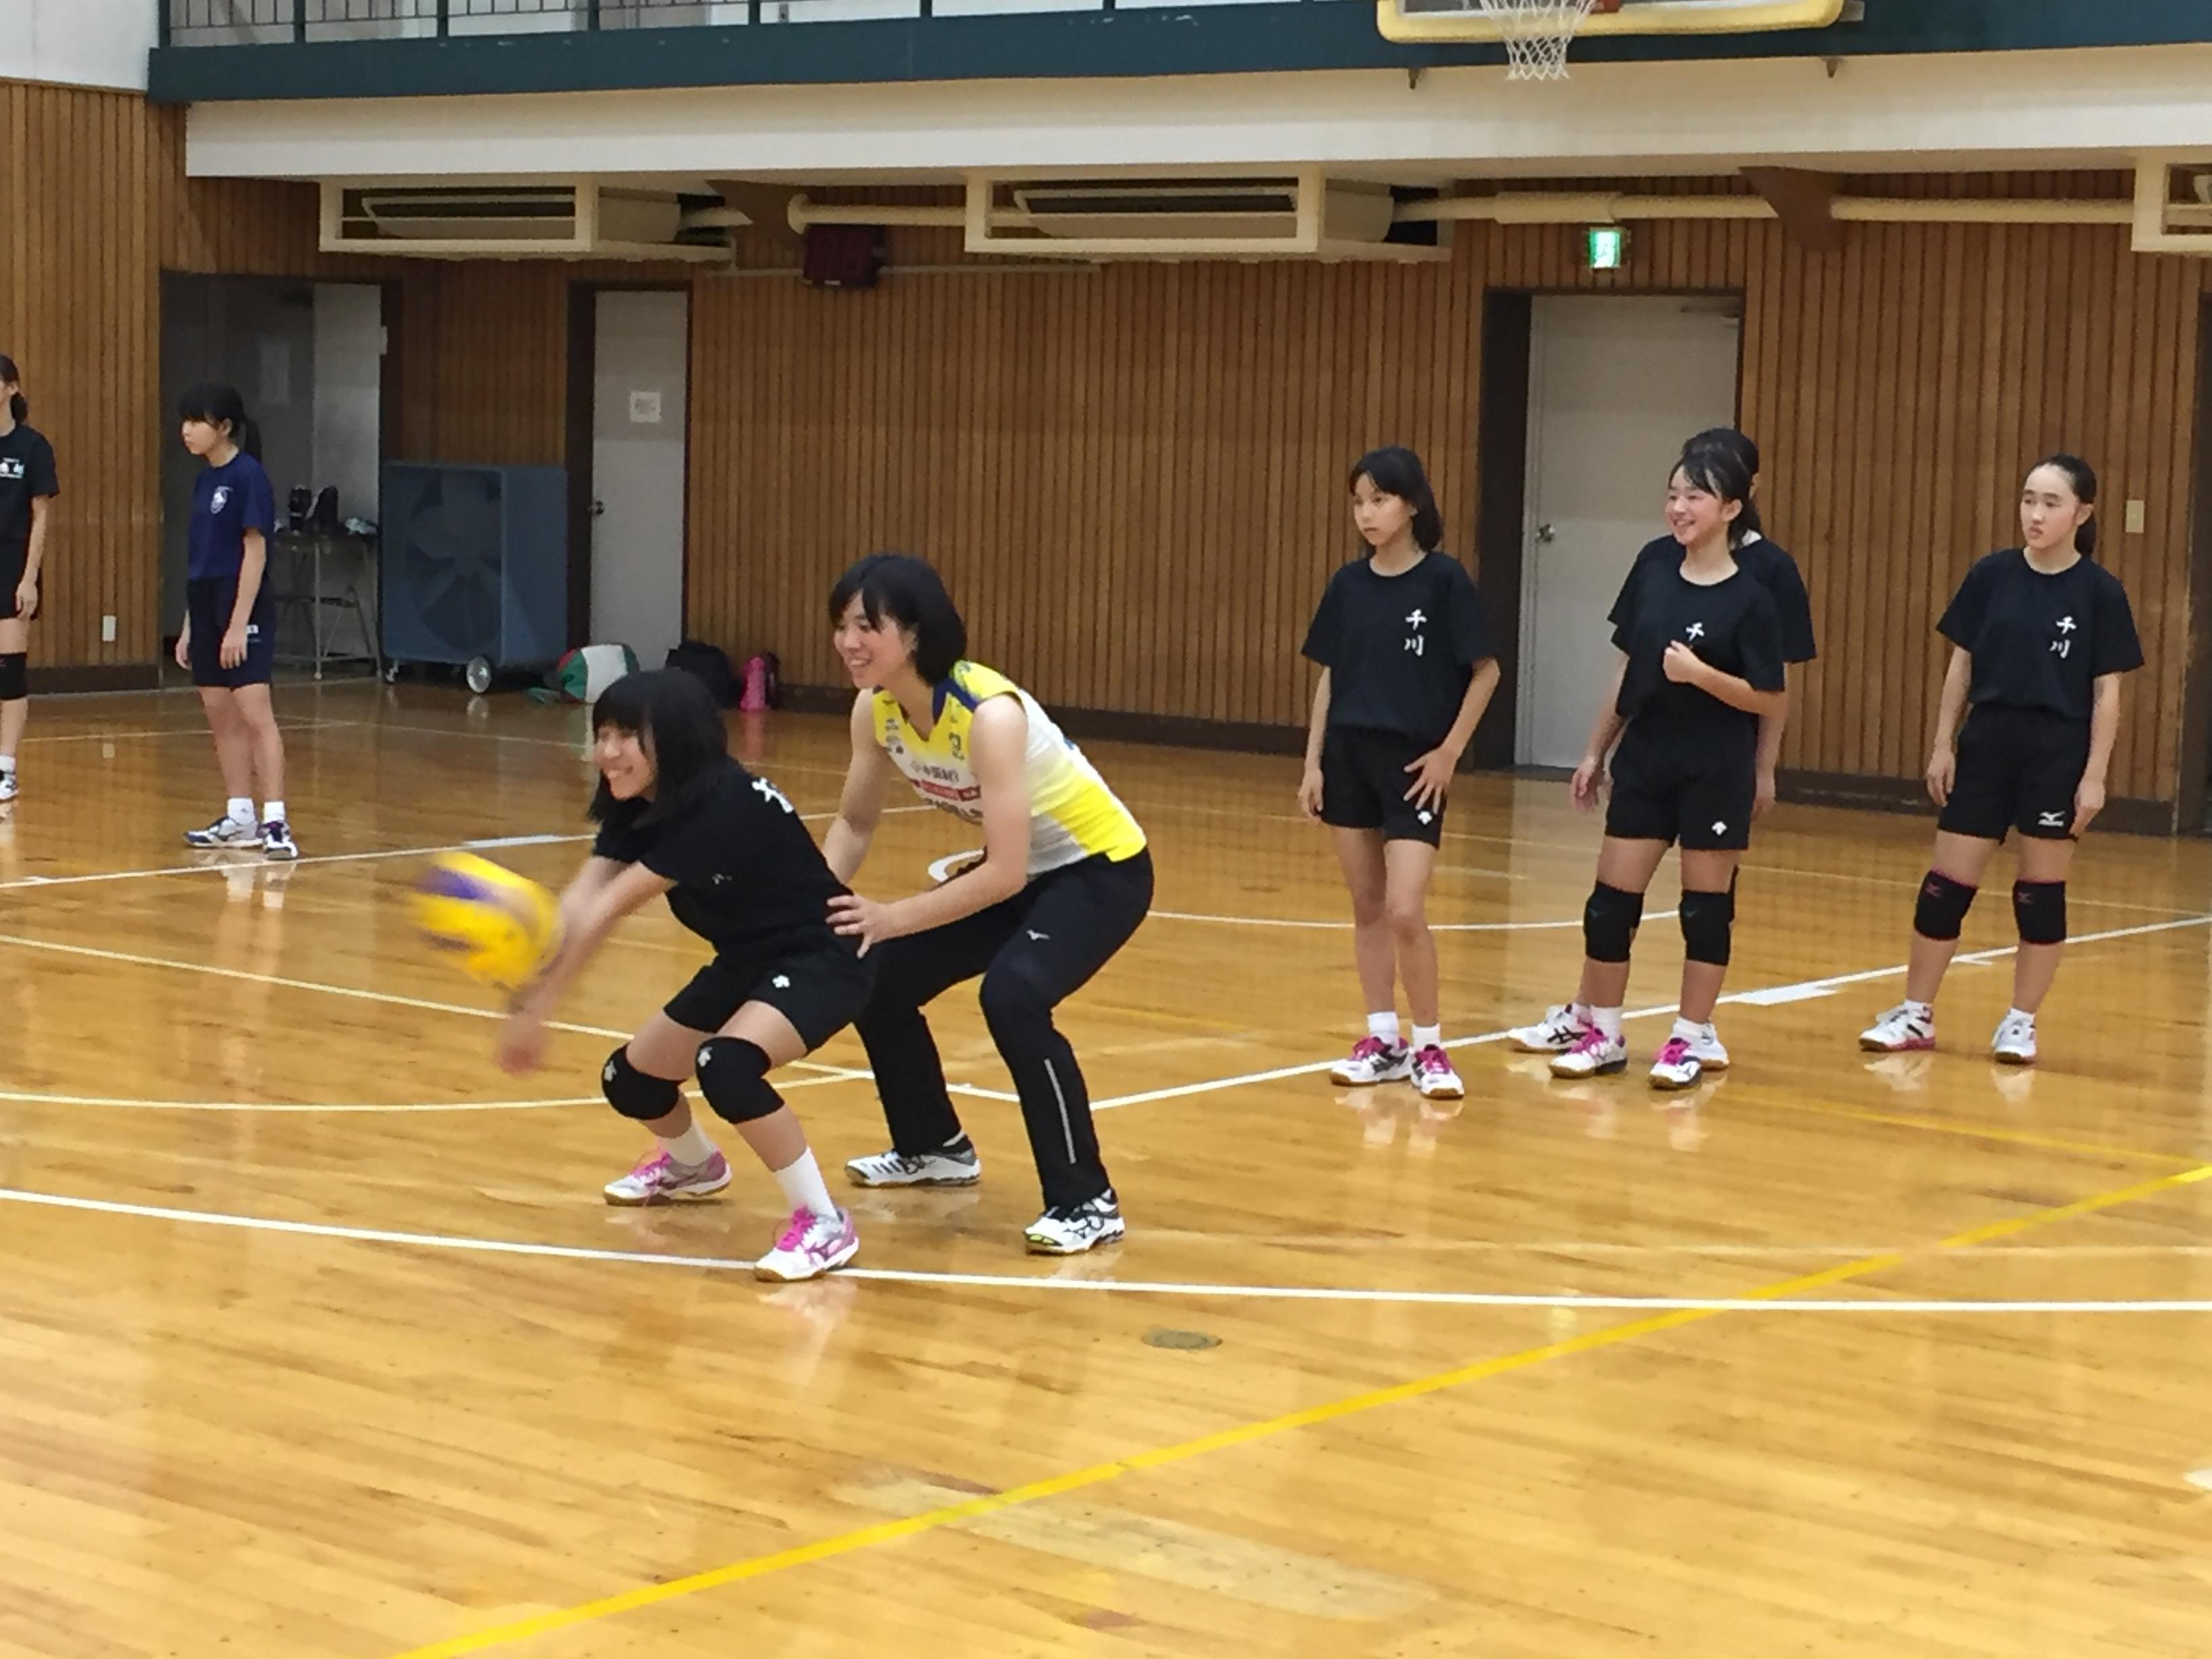 繧キ繝シ繧ォ繧吶Ν繧ケ繧吝・逵歃IMG_0991.JPG